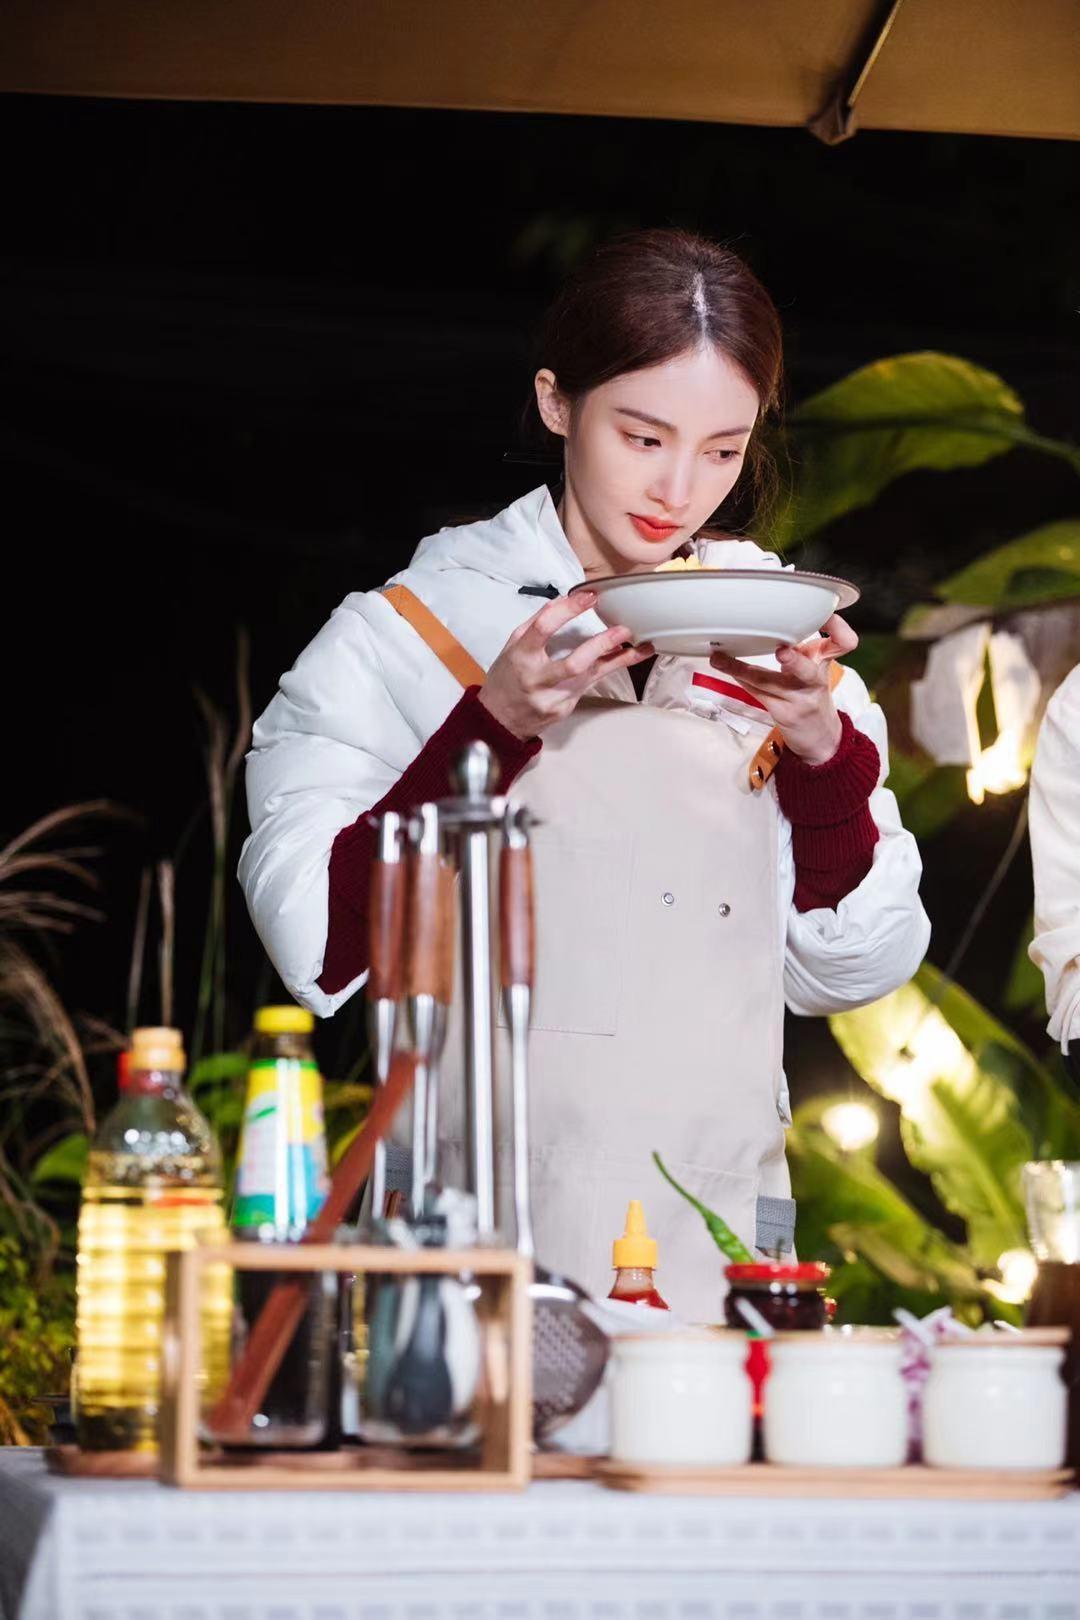 金晨演示多项惊喜技能 下厨房制造无限快乐